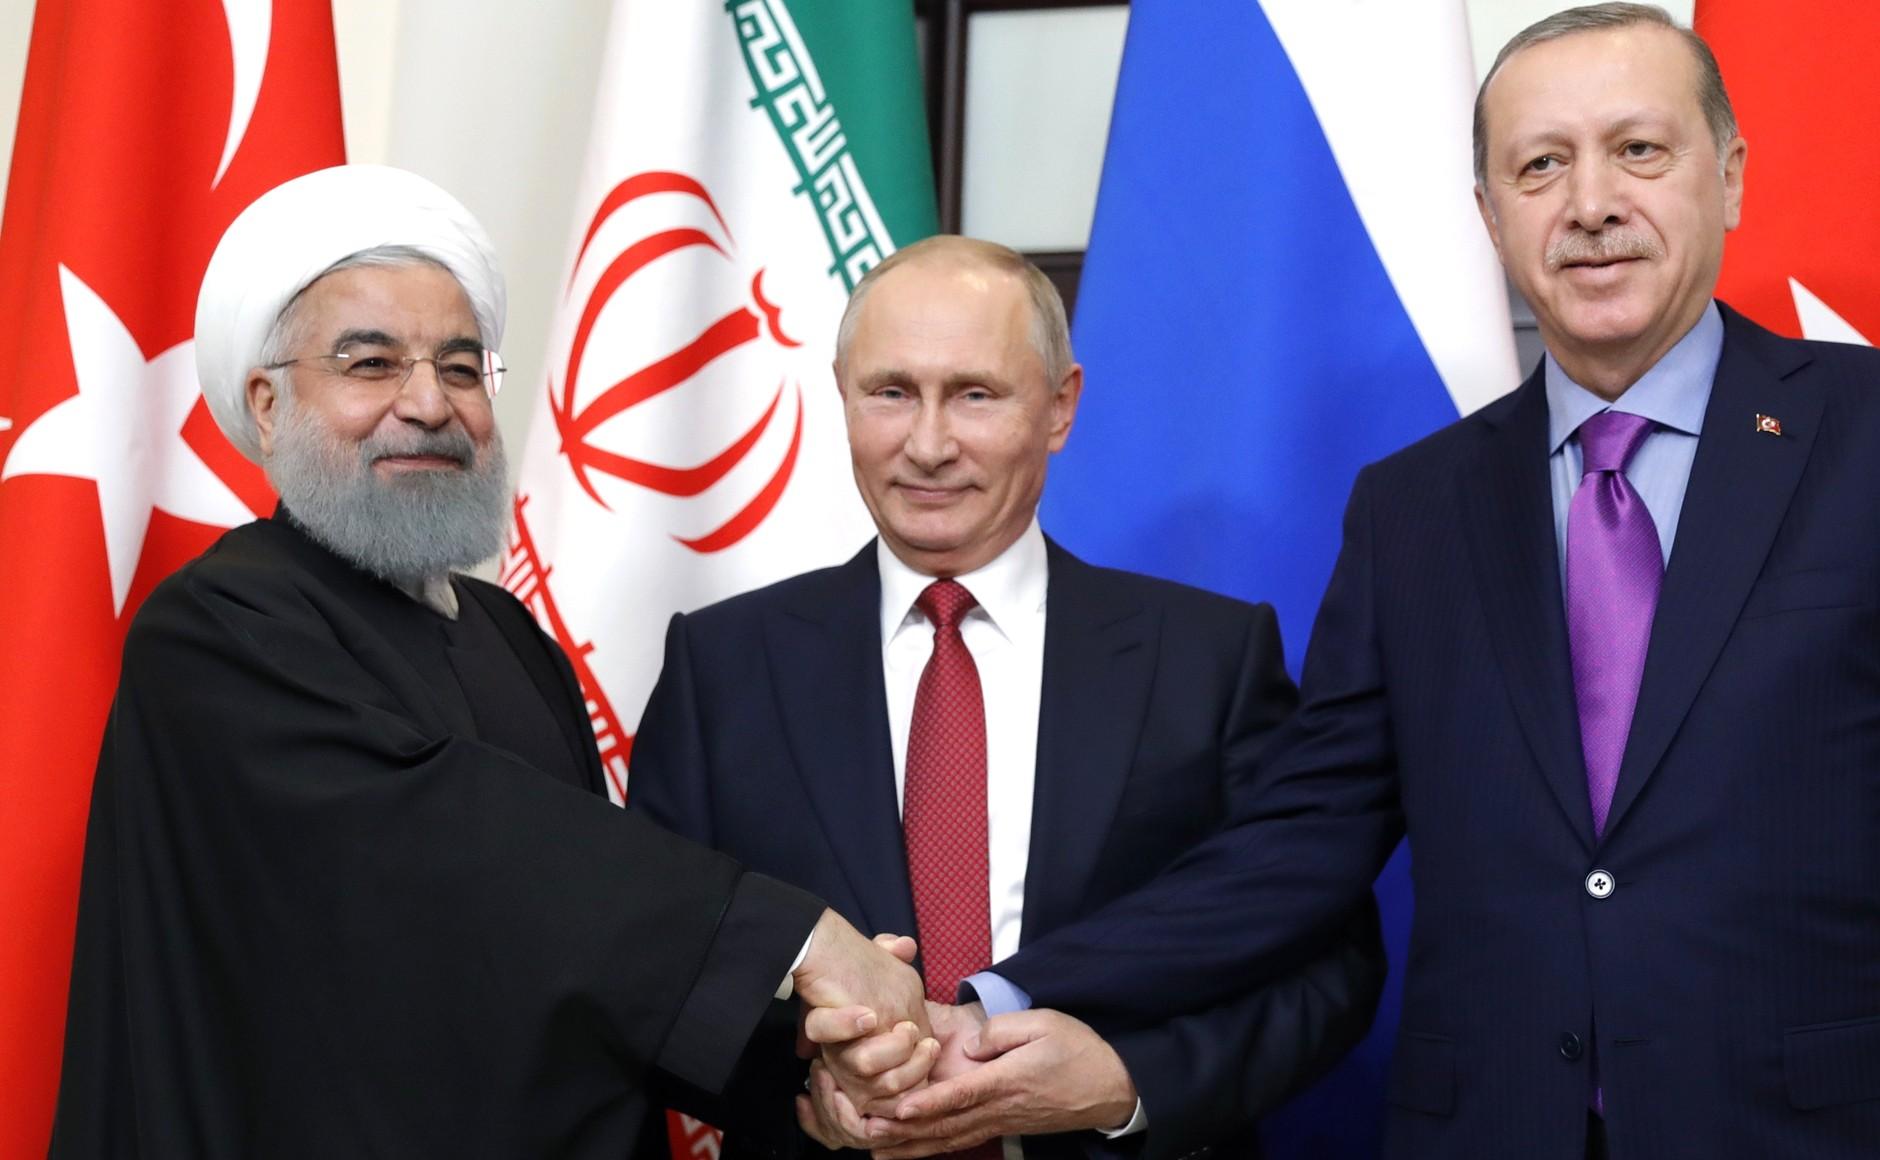 Image result for Putin, erdogan, Rouhani, photos